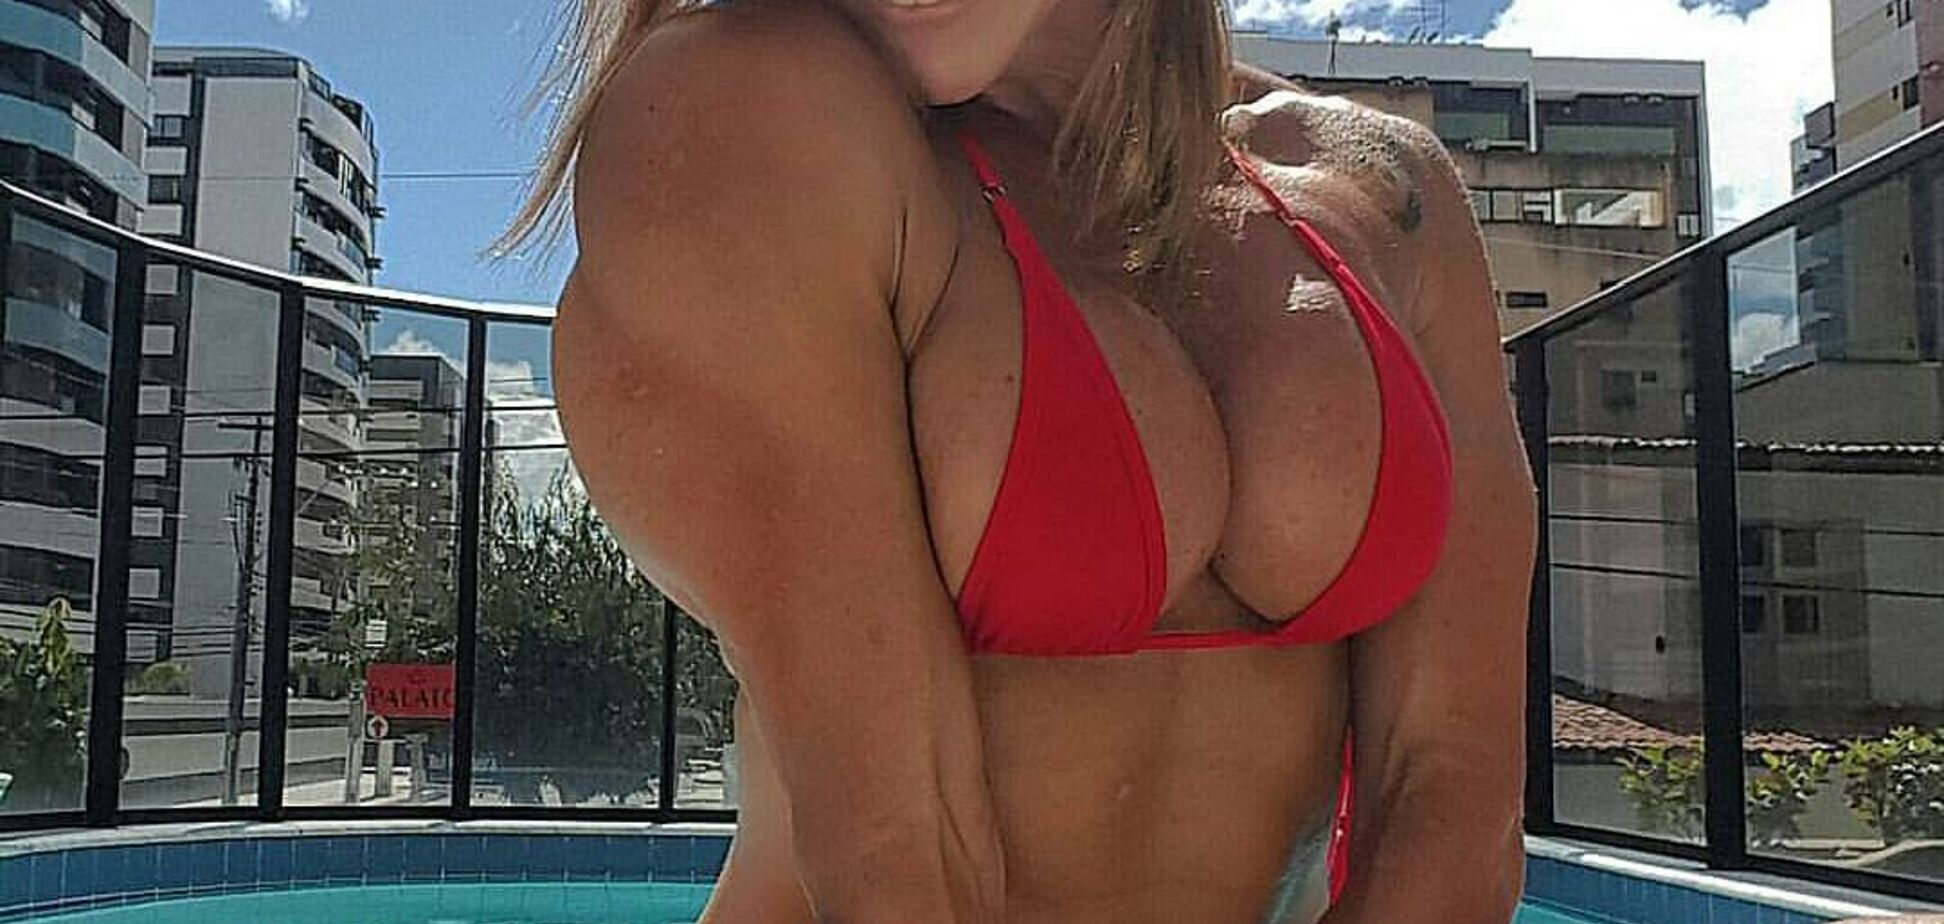 Популярна фітнес-модель з ідеальною грудьми знялася повністю оголеною: відверті фото